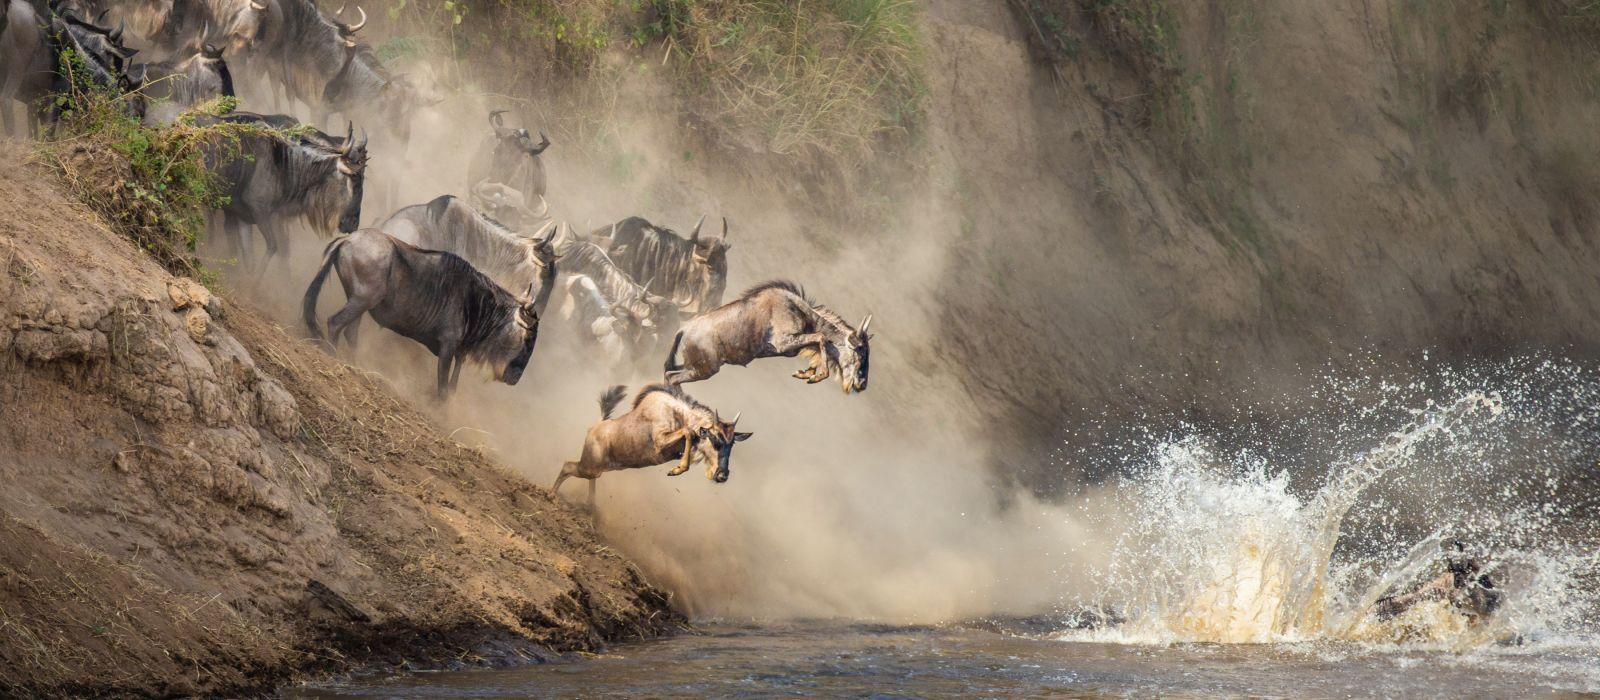 Wildebeests are crossing Mara river. Great Migration. Kenya. Tanzania. Maasai Mara National Park